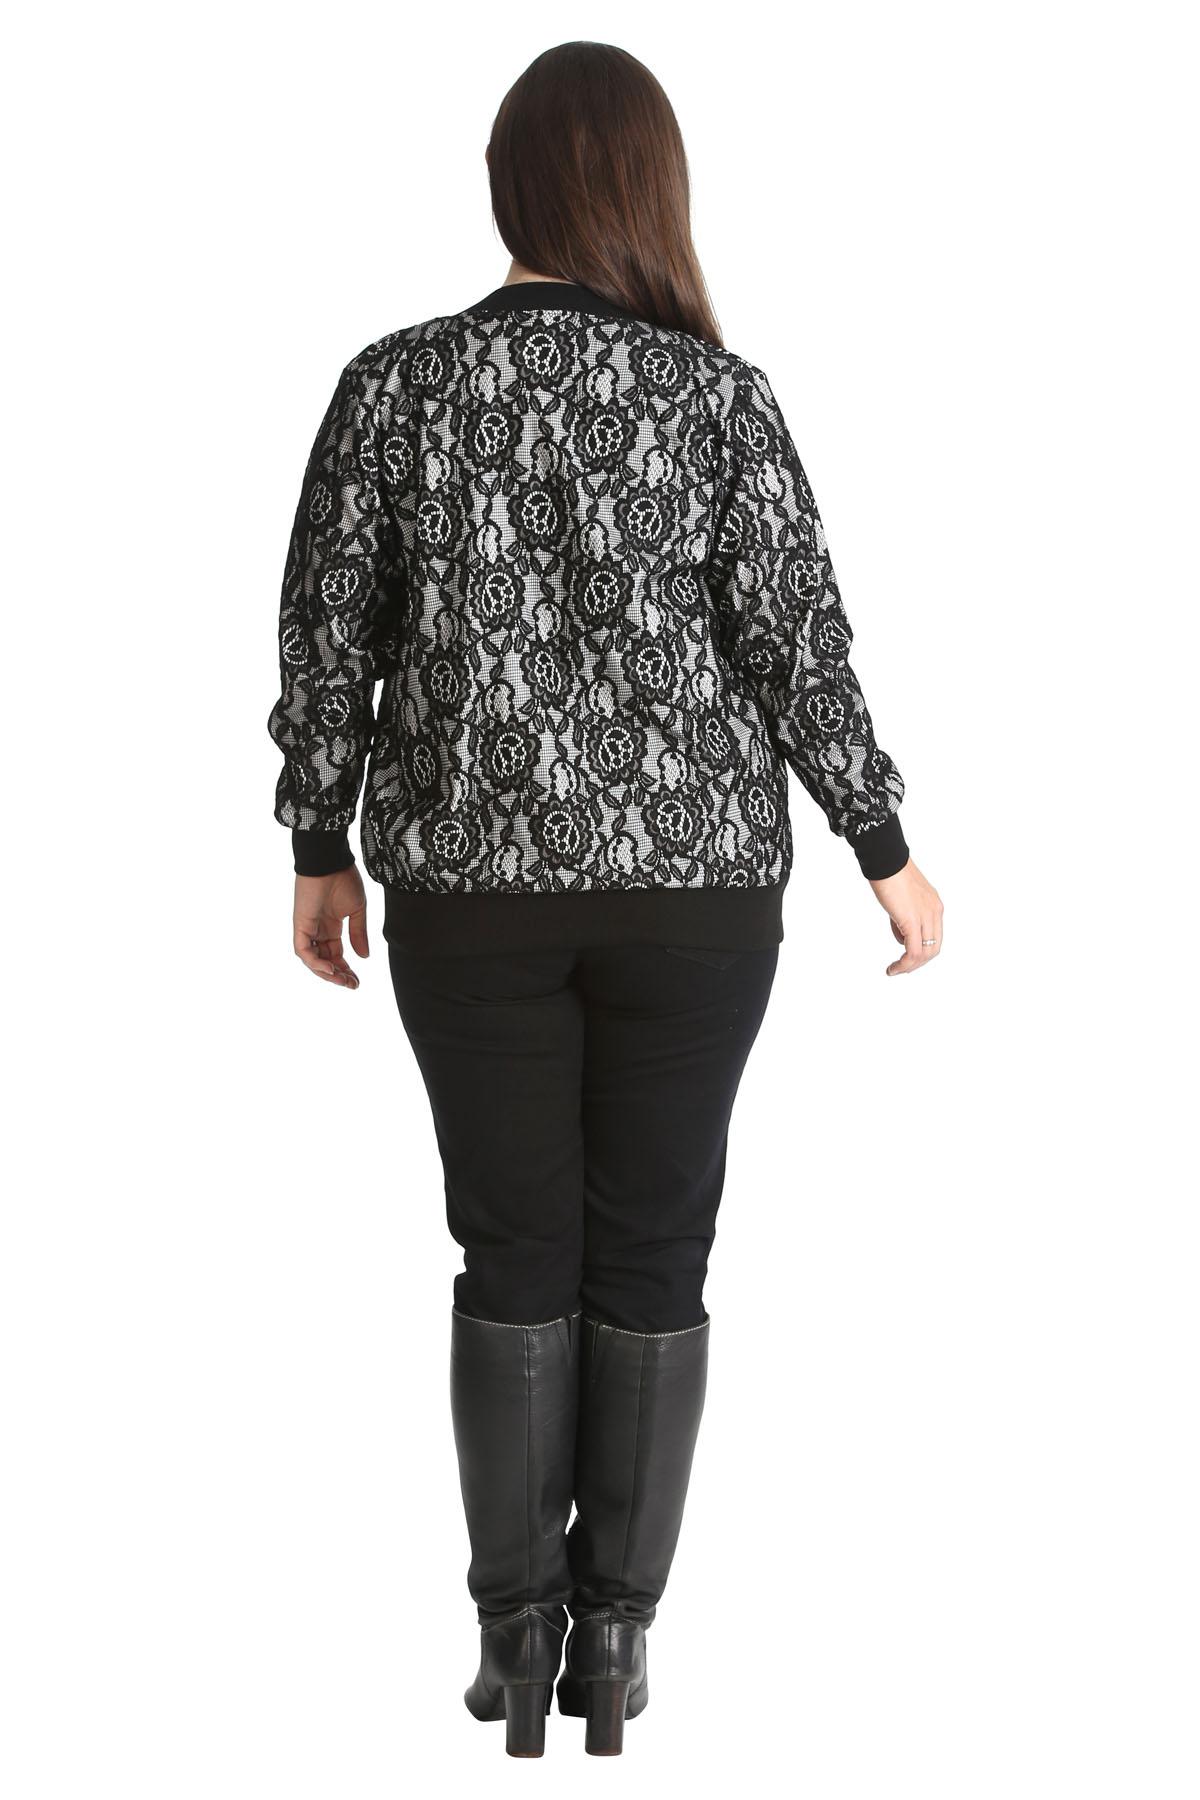 Nouvelle® Plus Size Women/'s Floral Lace Bomber Jacket